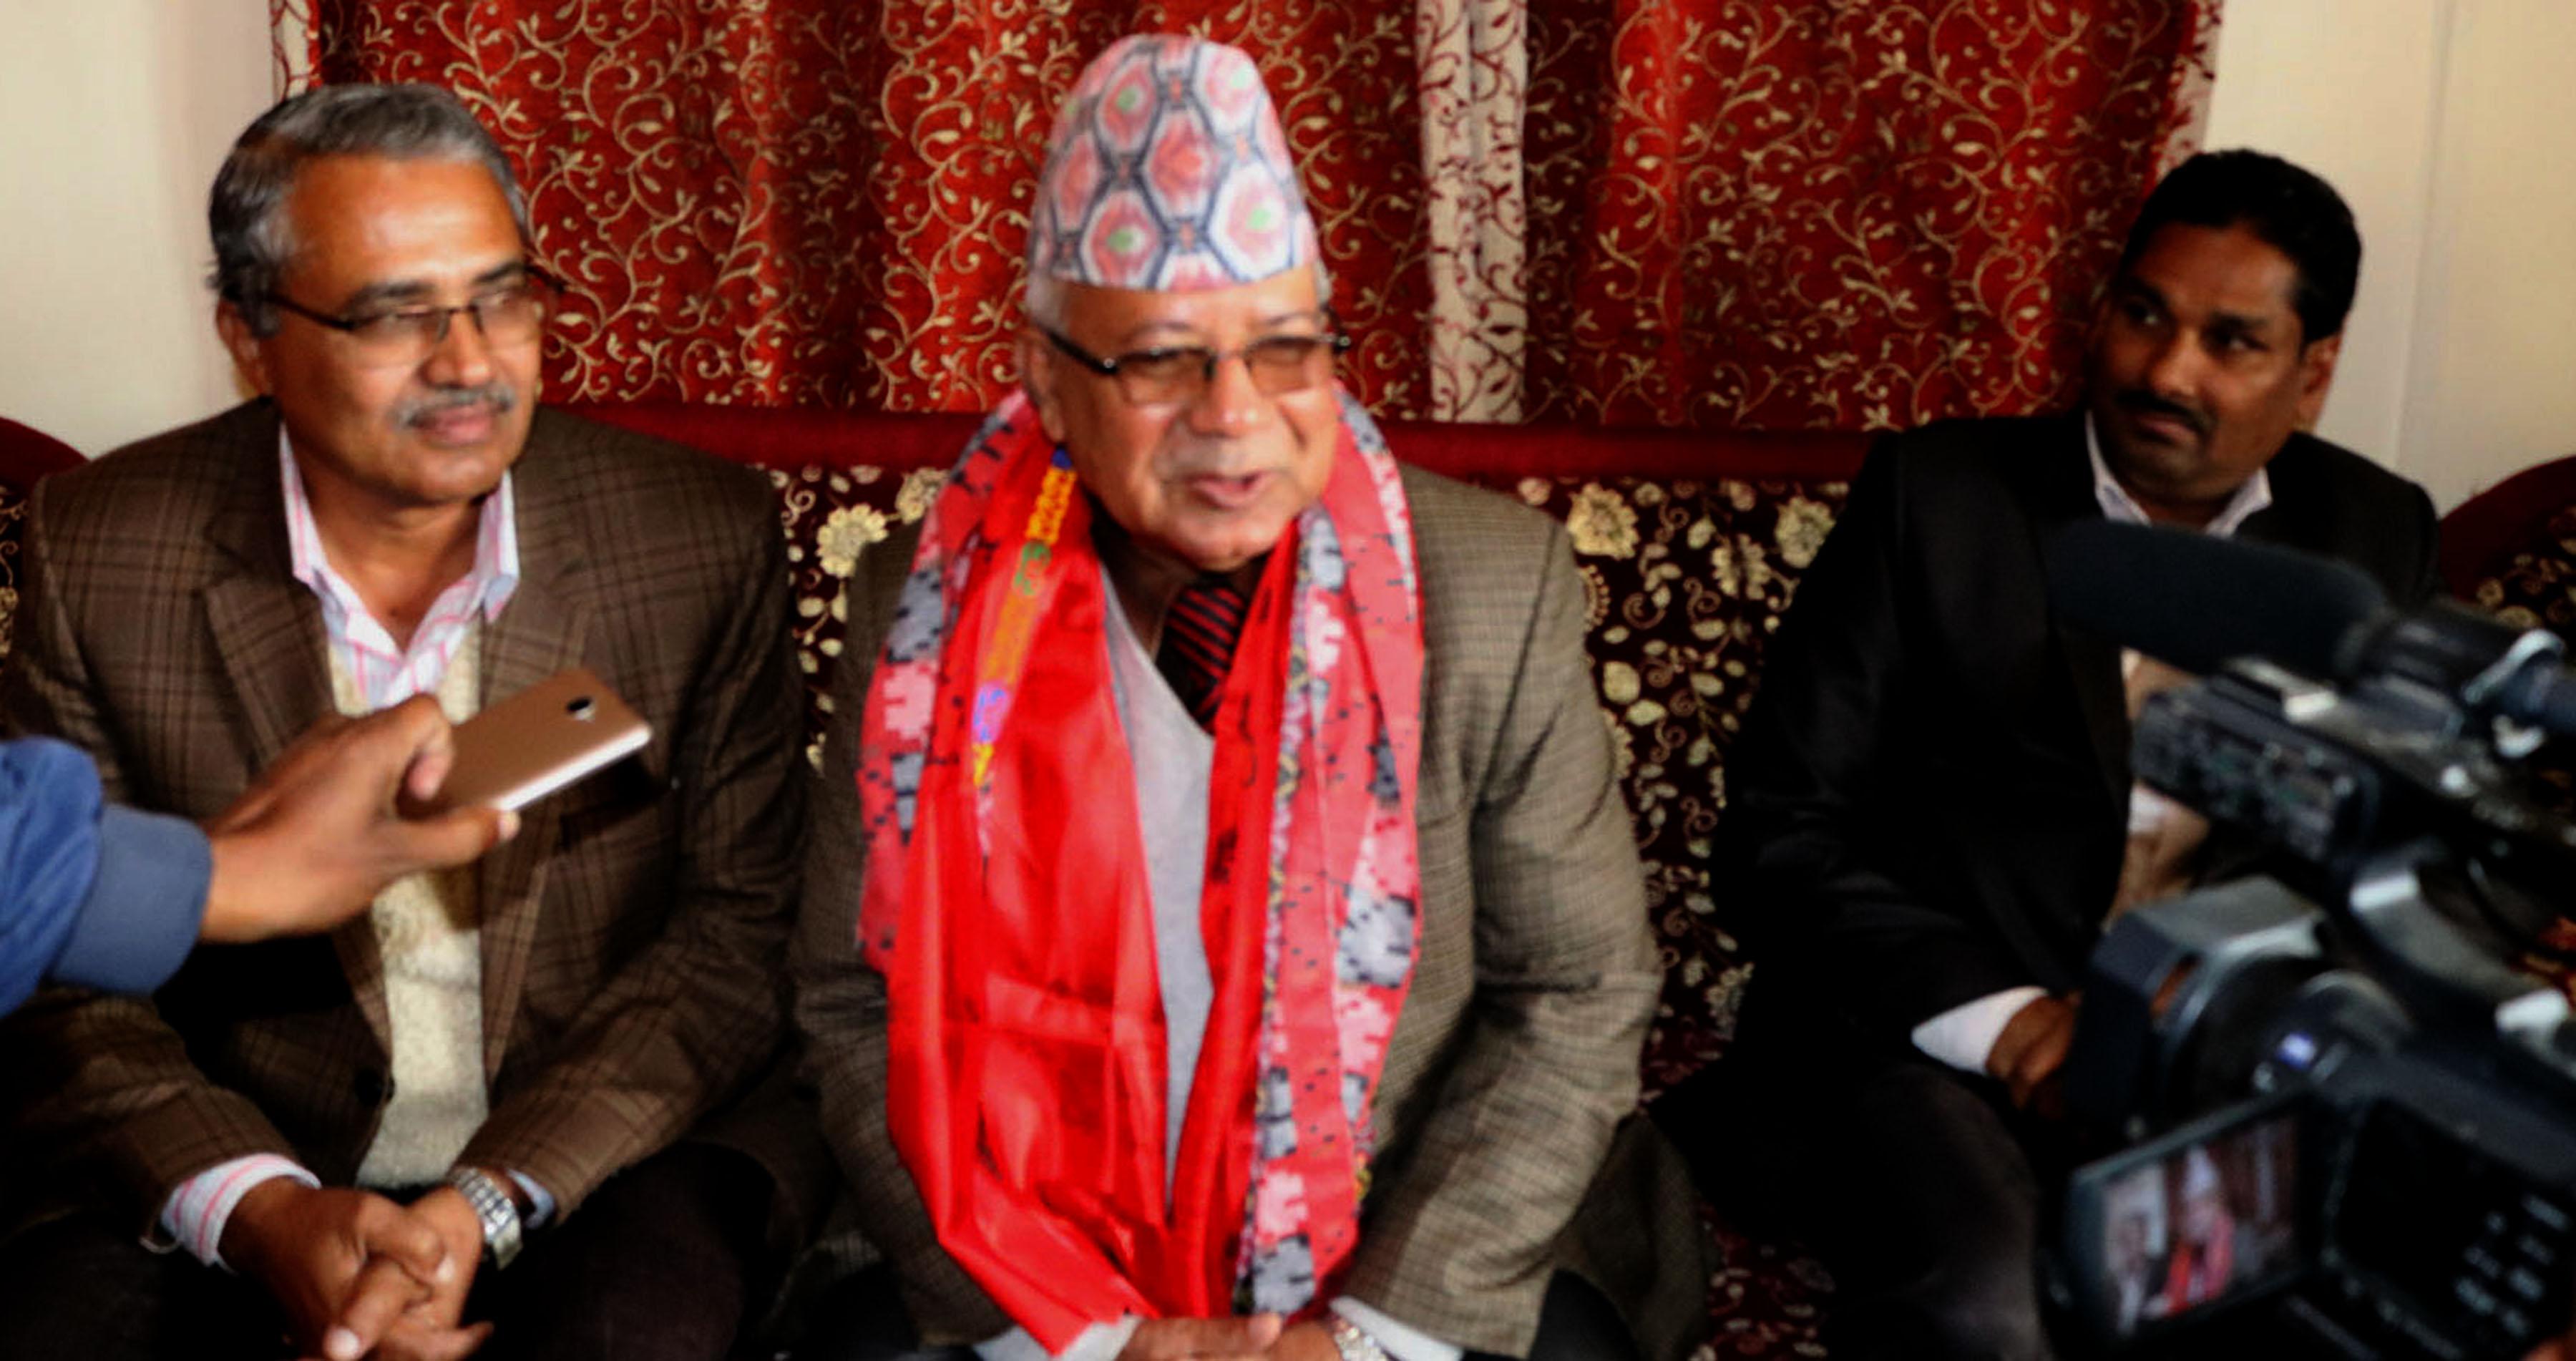 उपनिर्वाचनको परिणाम निराशाजनक छैन : वरिष्ठ नेता नेपाल